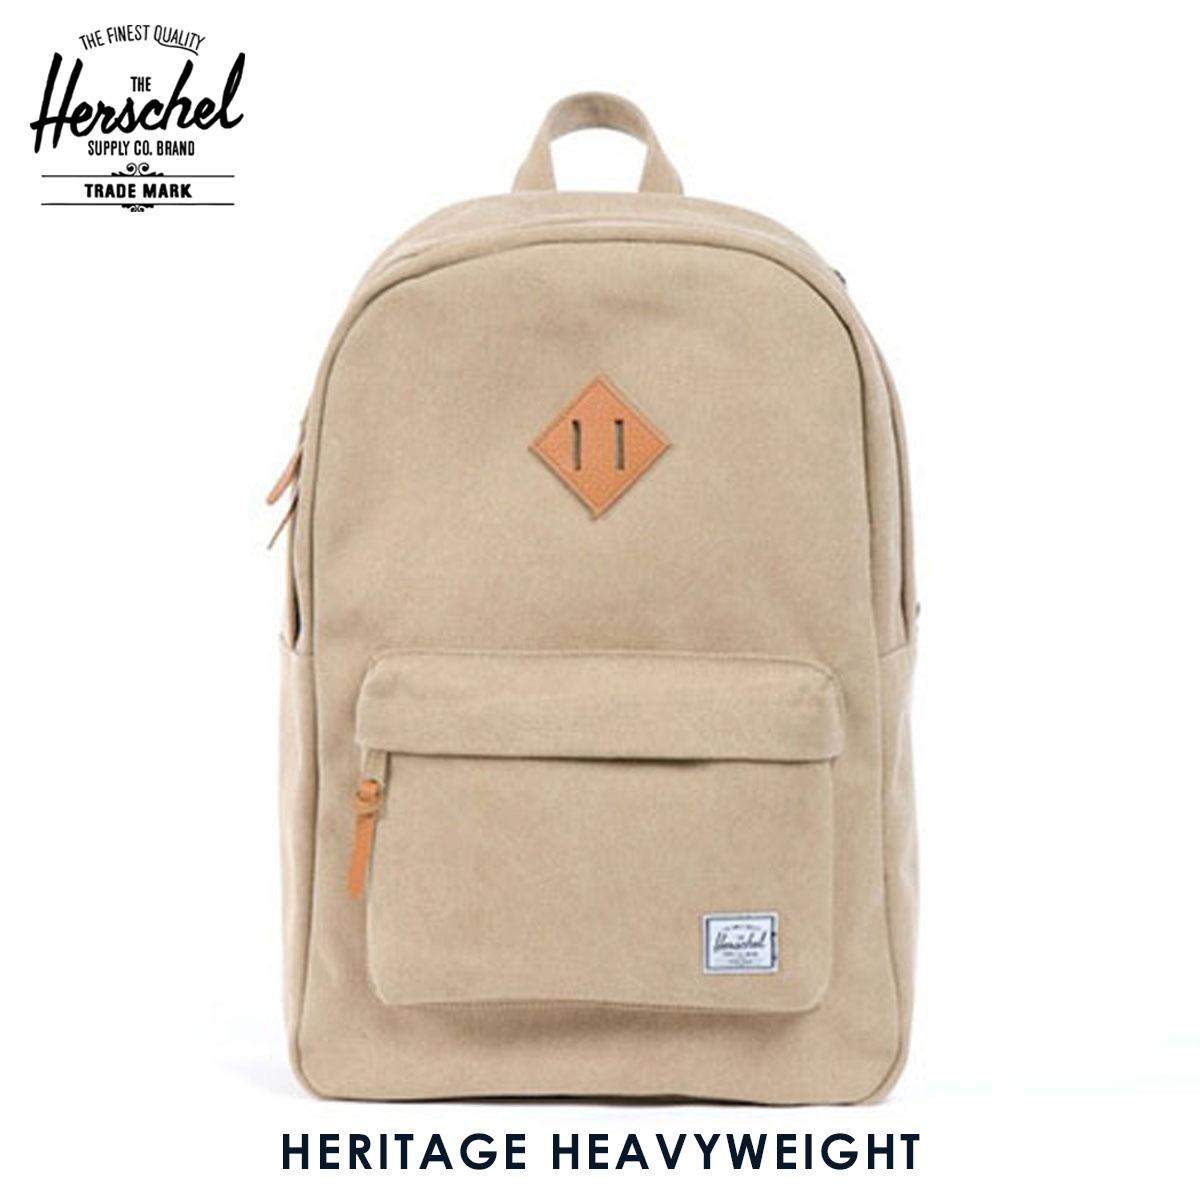 ハーシェル バッグ 正規販売店 Herschel Supply ハーシャルサプライ バッグ 10007-00012-OS Heritage Heavyweight Cotton Canvas Khaki